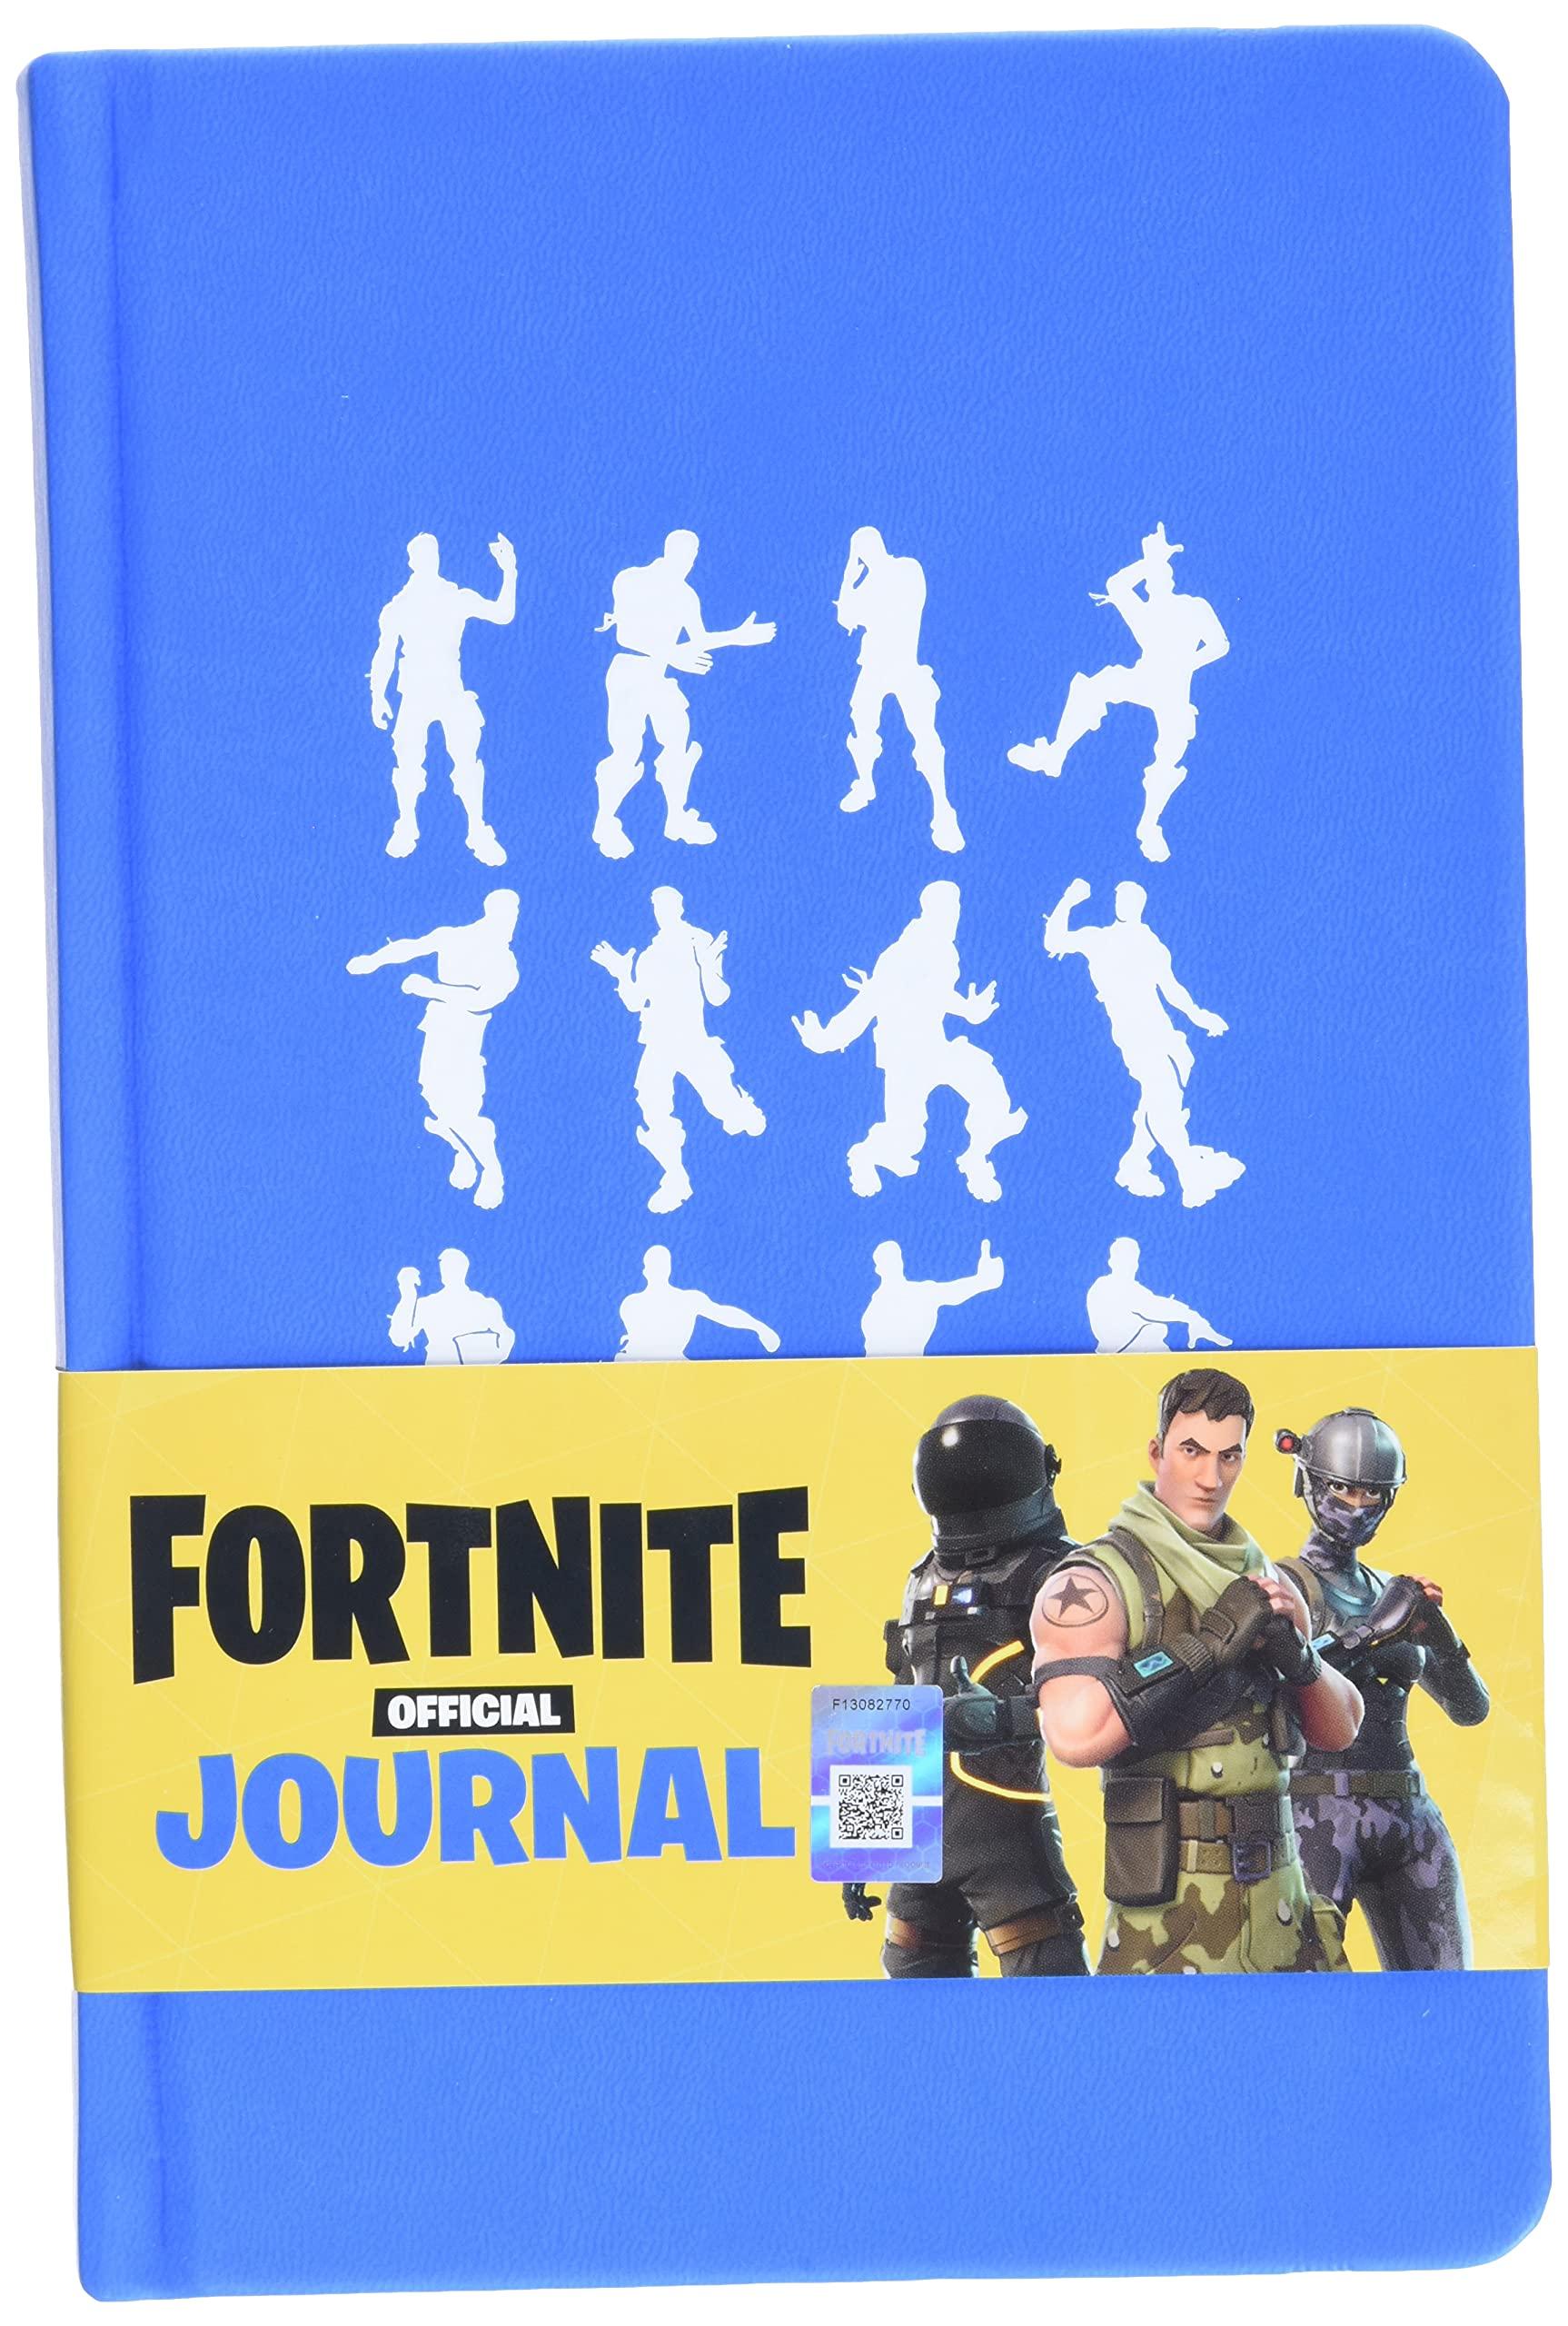 25. Fortnite (Official): Hardcover Ruled Journal